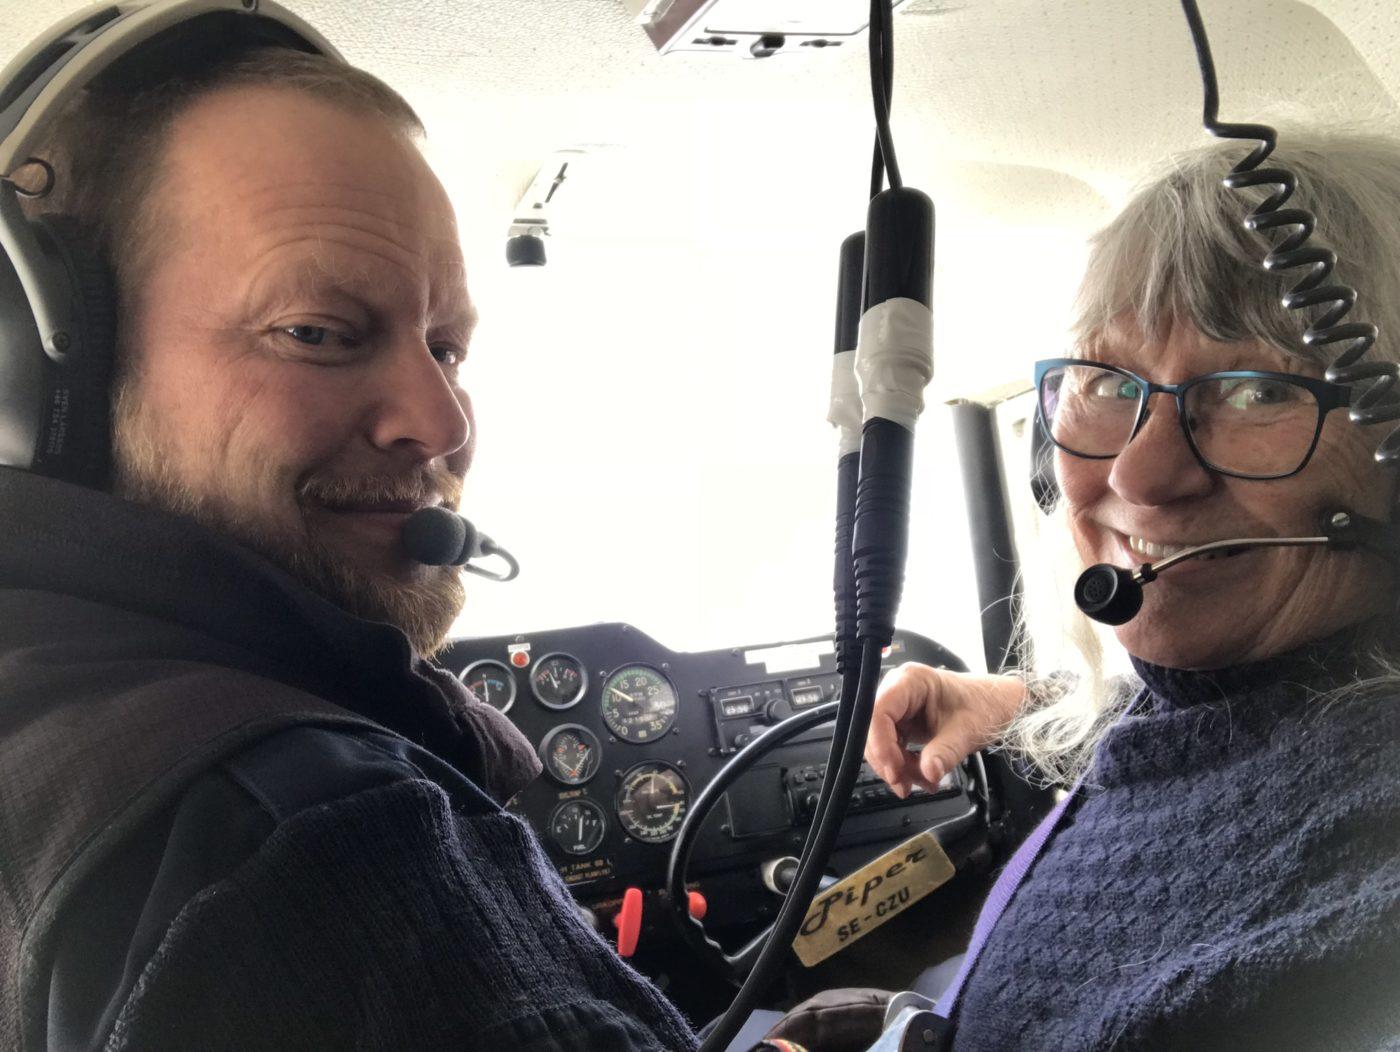 Med denna bild vill jag spegla mig själv som den äventyrliga person jag är - alltid beredd att vara med på äventyr och utmana mig själv på sådant som är nytt för mig. I exemplet flyger jag med en erfaren pilot i Kebnekaise-fjällen vintertid.